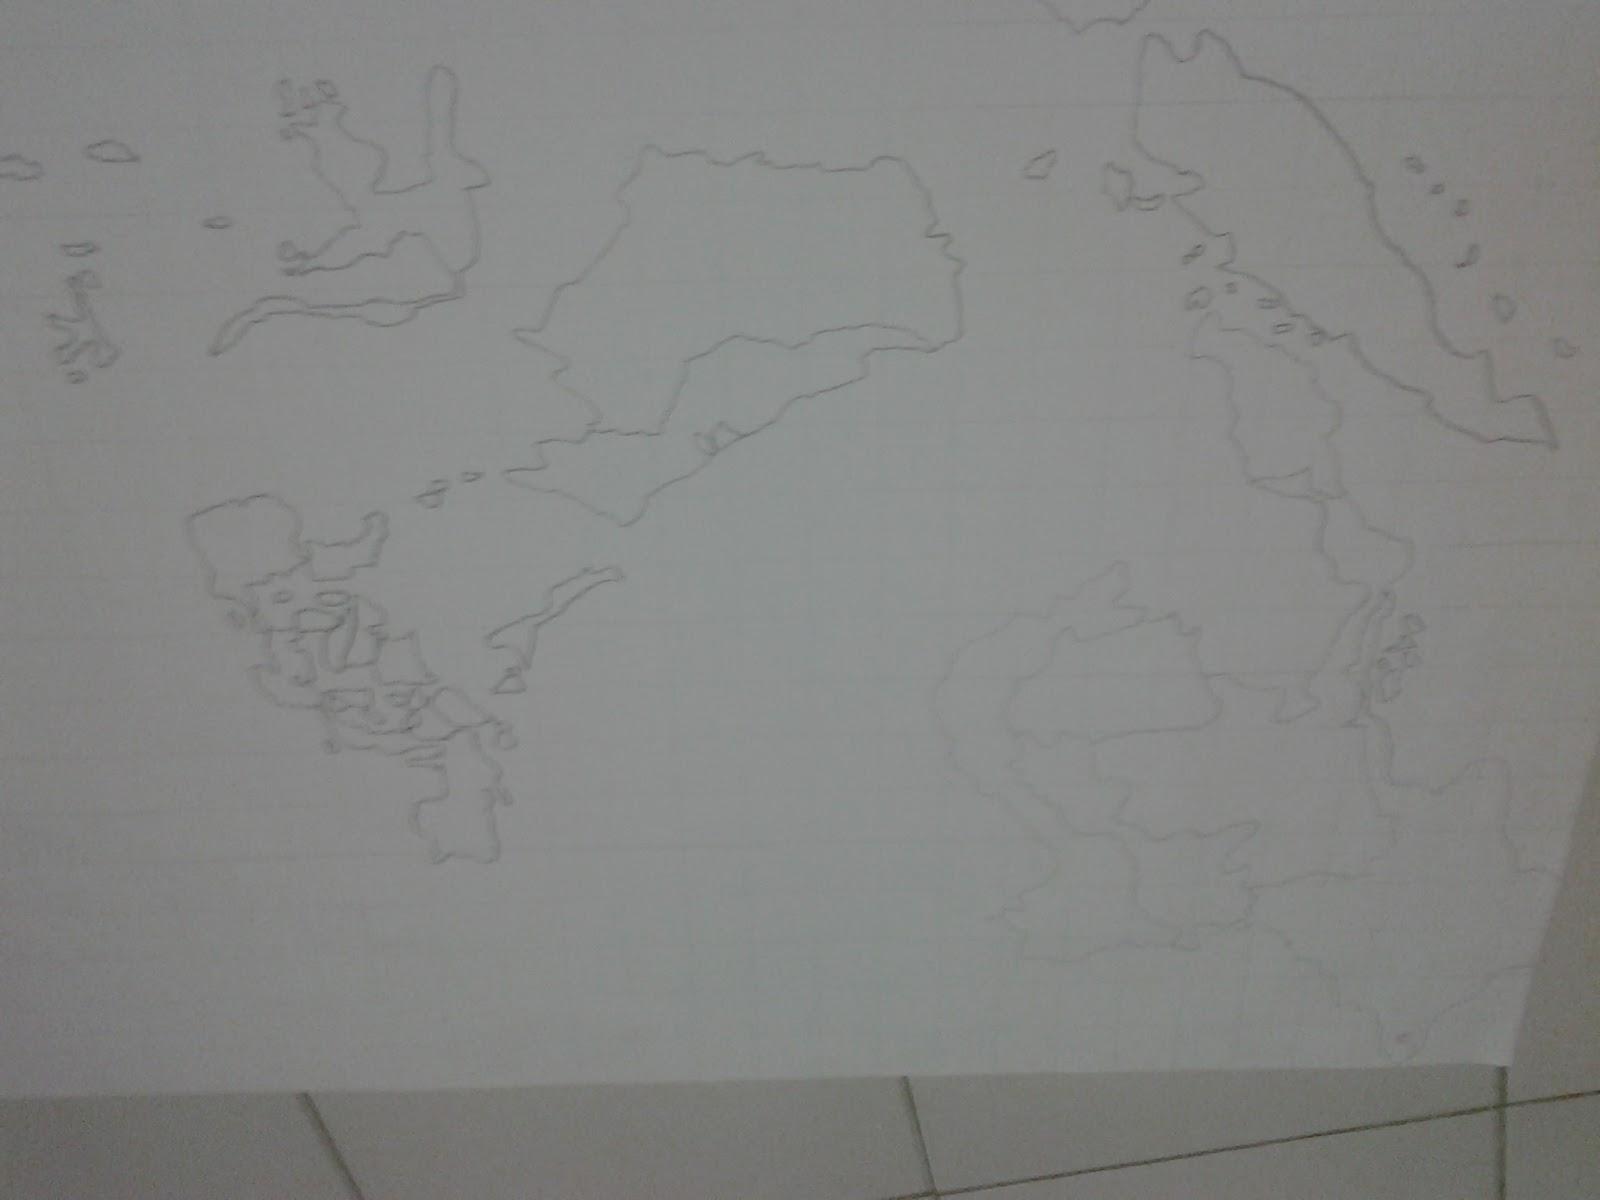 Peta Indonesia: Cara Menggambar Peta Indonesia Di Kertas ...